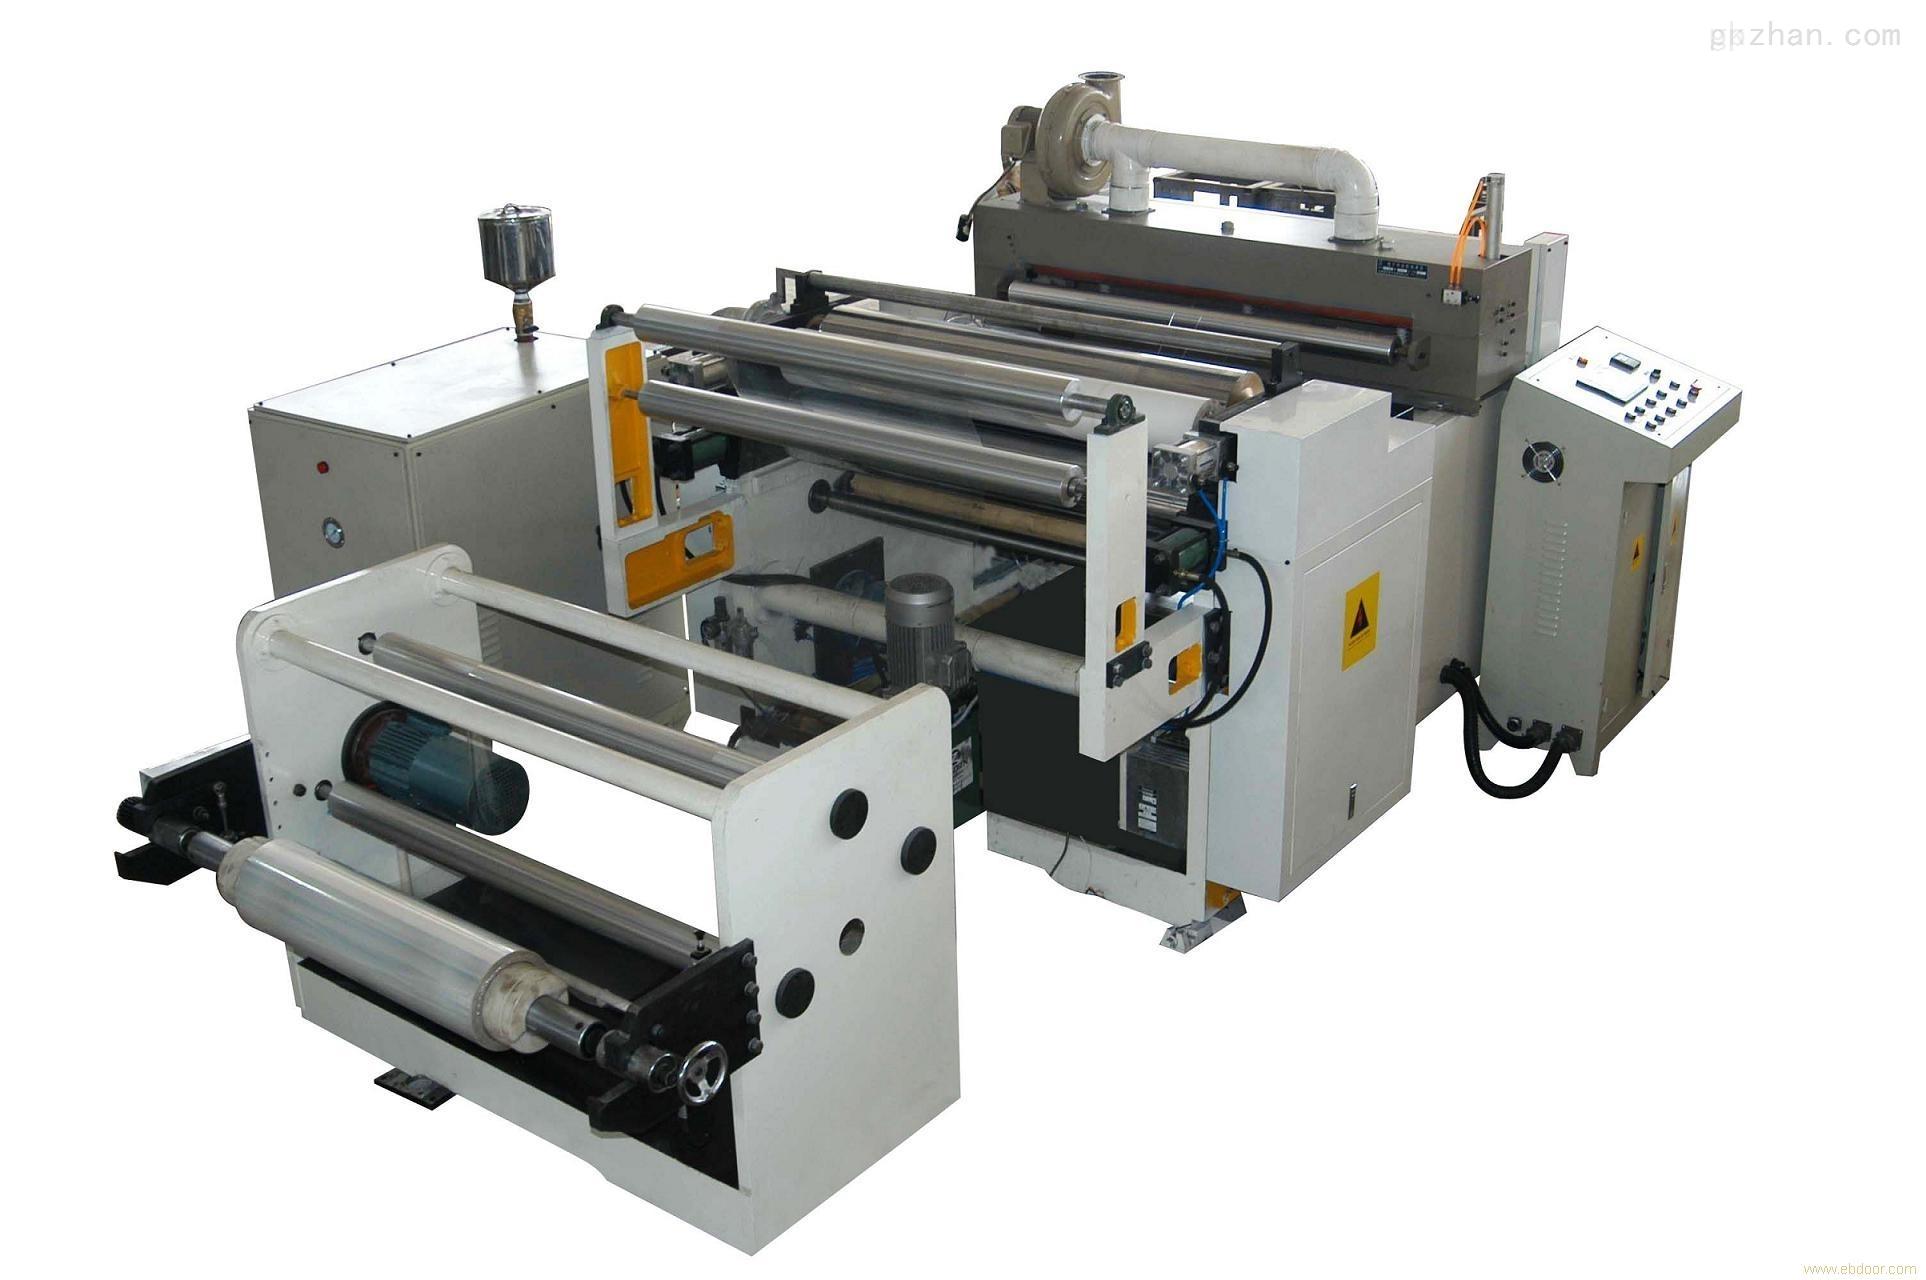 【供应】圆刀机,圆刀模切机,圆压圆模切机,轮转机